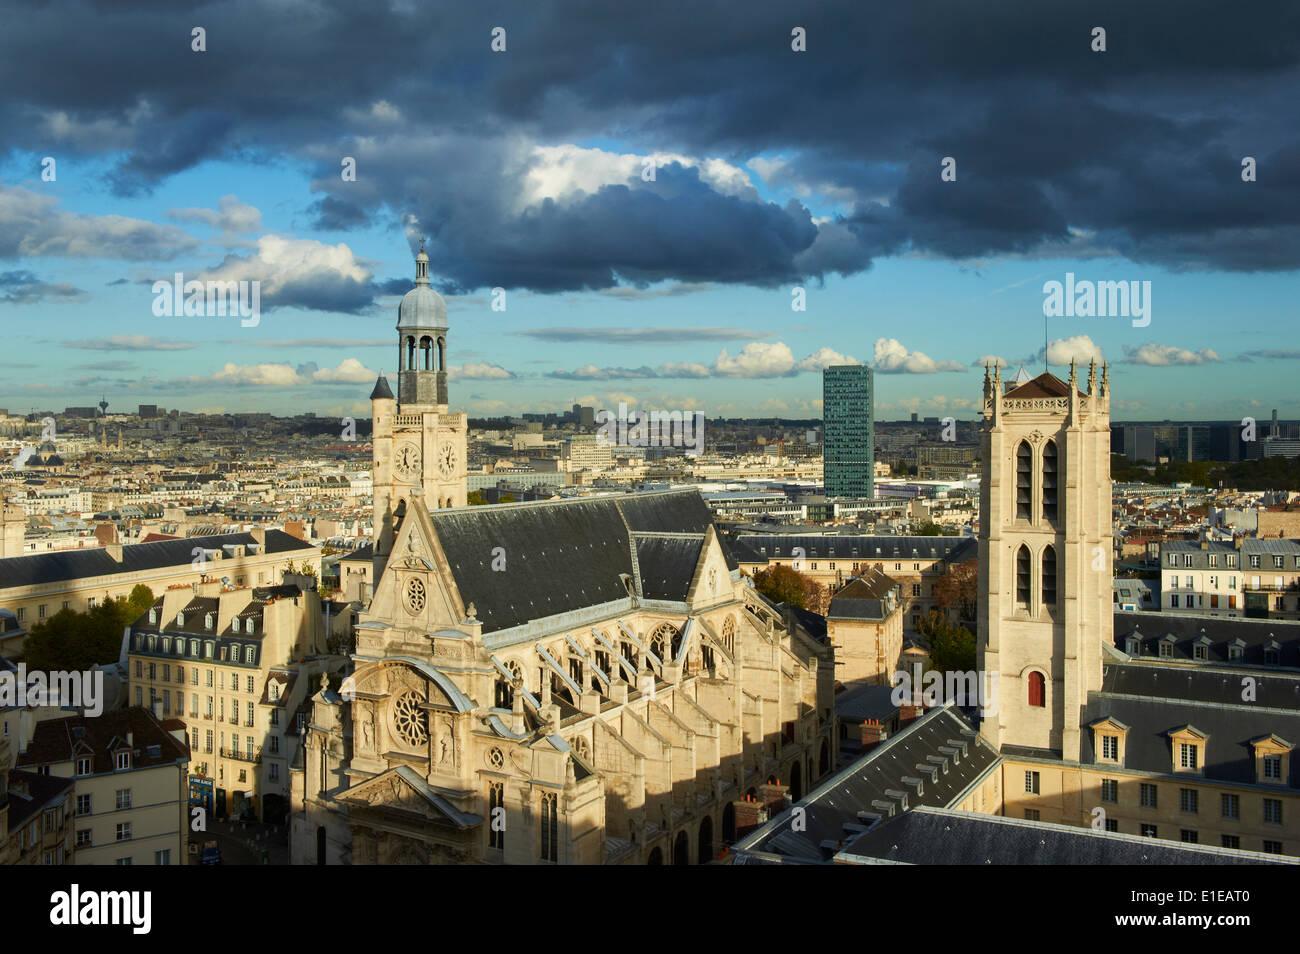 France, Paris, Quartier Latin, Clovis Tower of Henri 4 school and Saint Etienne du Mont Church - Stock Image